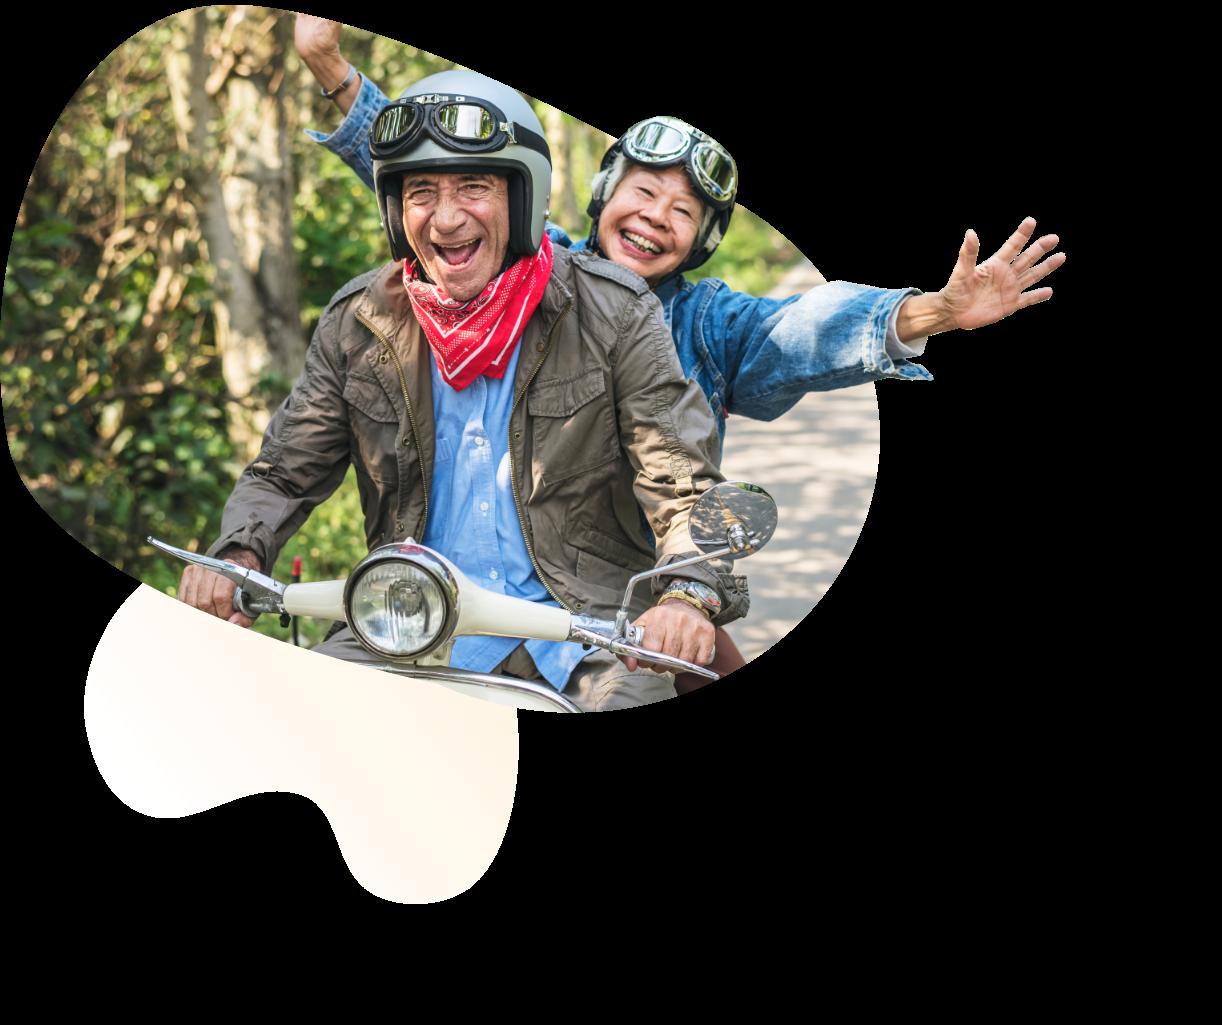 Ajaib - Rencana pensiun dimulai dari toleransi risiko awal dan akan mengingatkan Anda untuk menurunkan risiko yang akan diambill mendekati waktu pensiun.